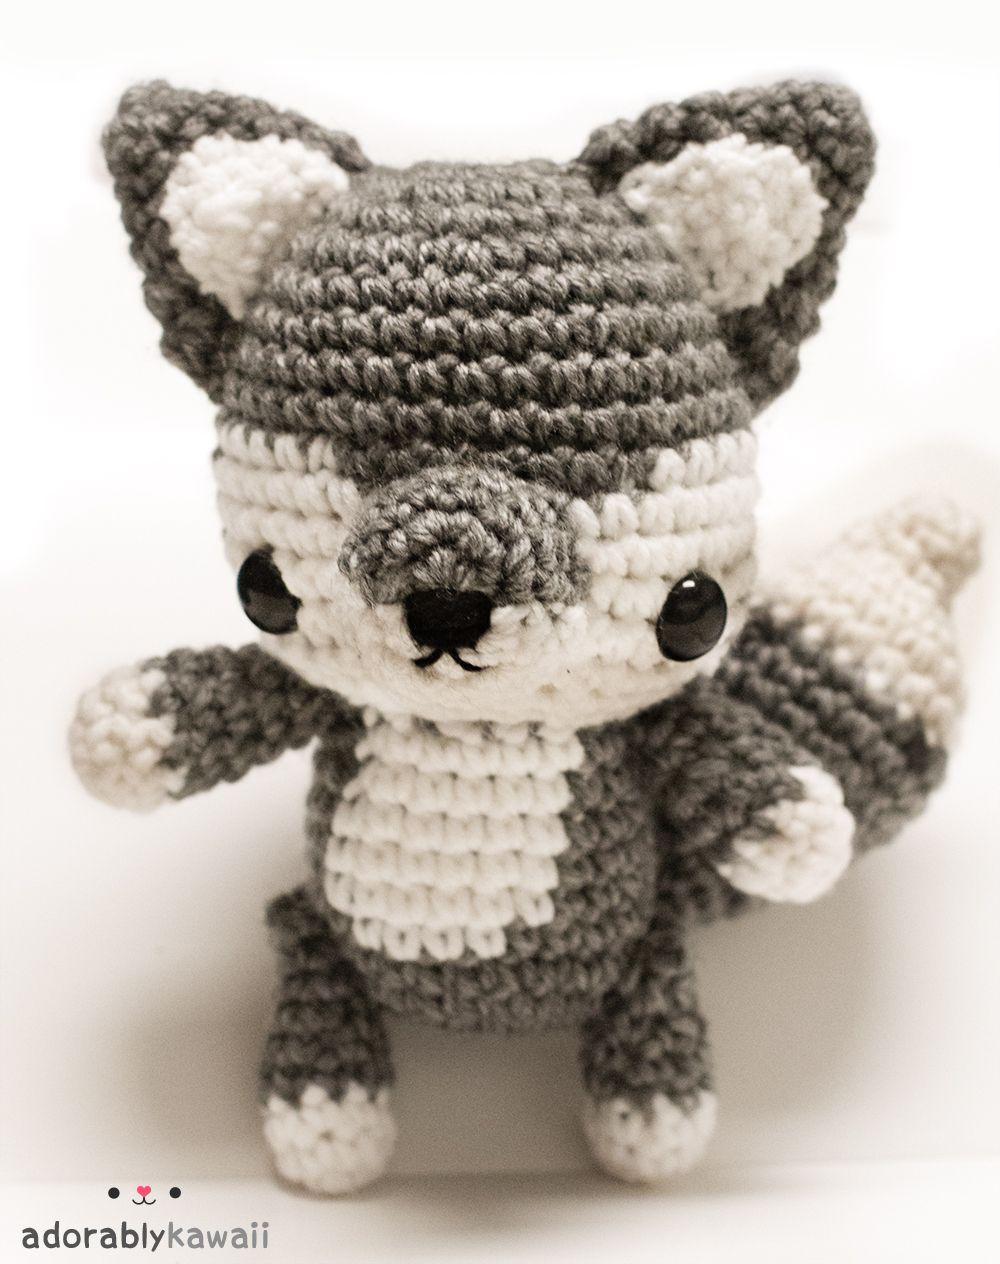 Pin by Beverley Melillo on Crochet Items | Pinterest | Free crochet ...